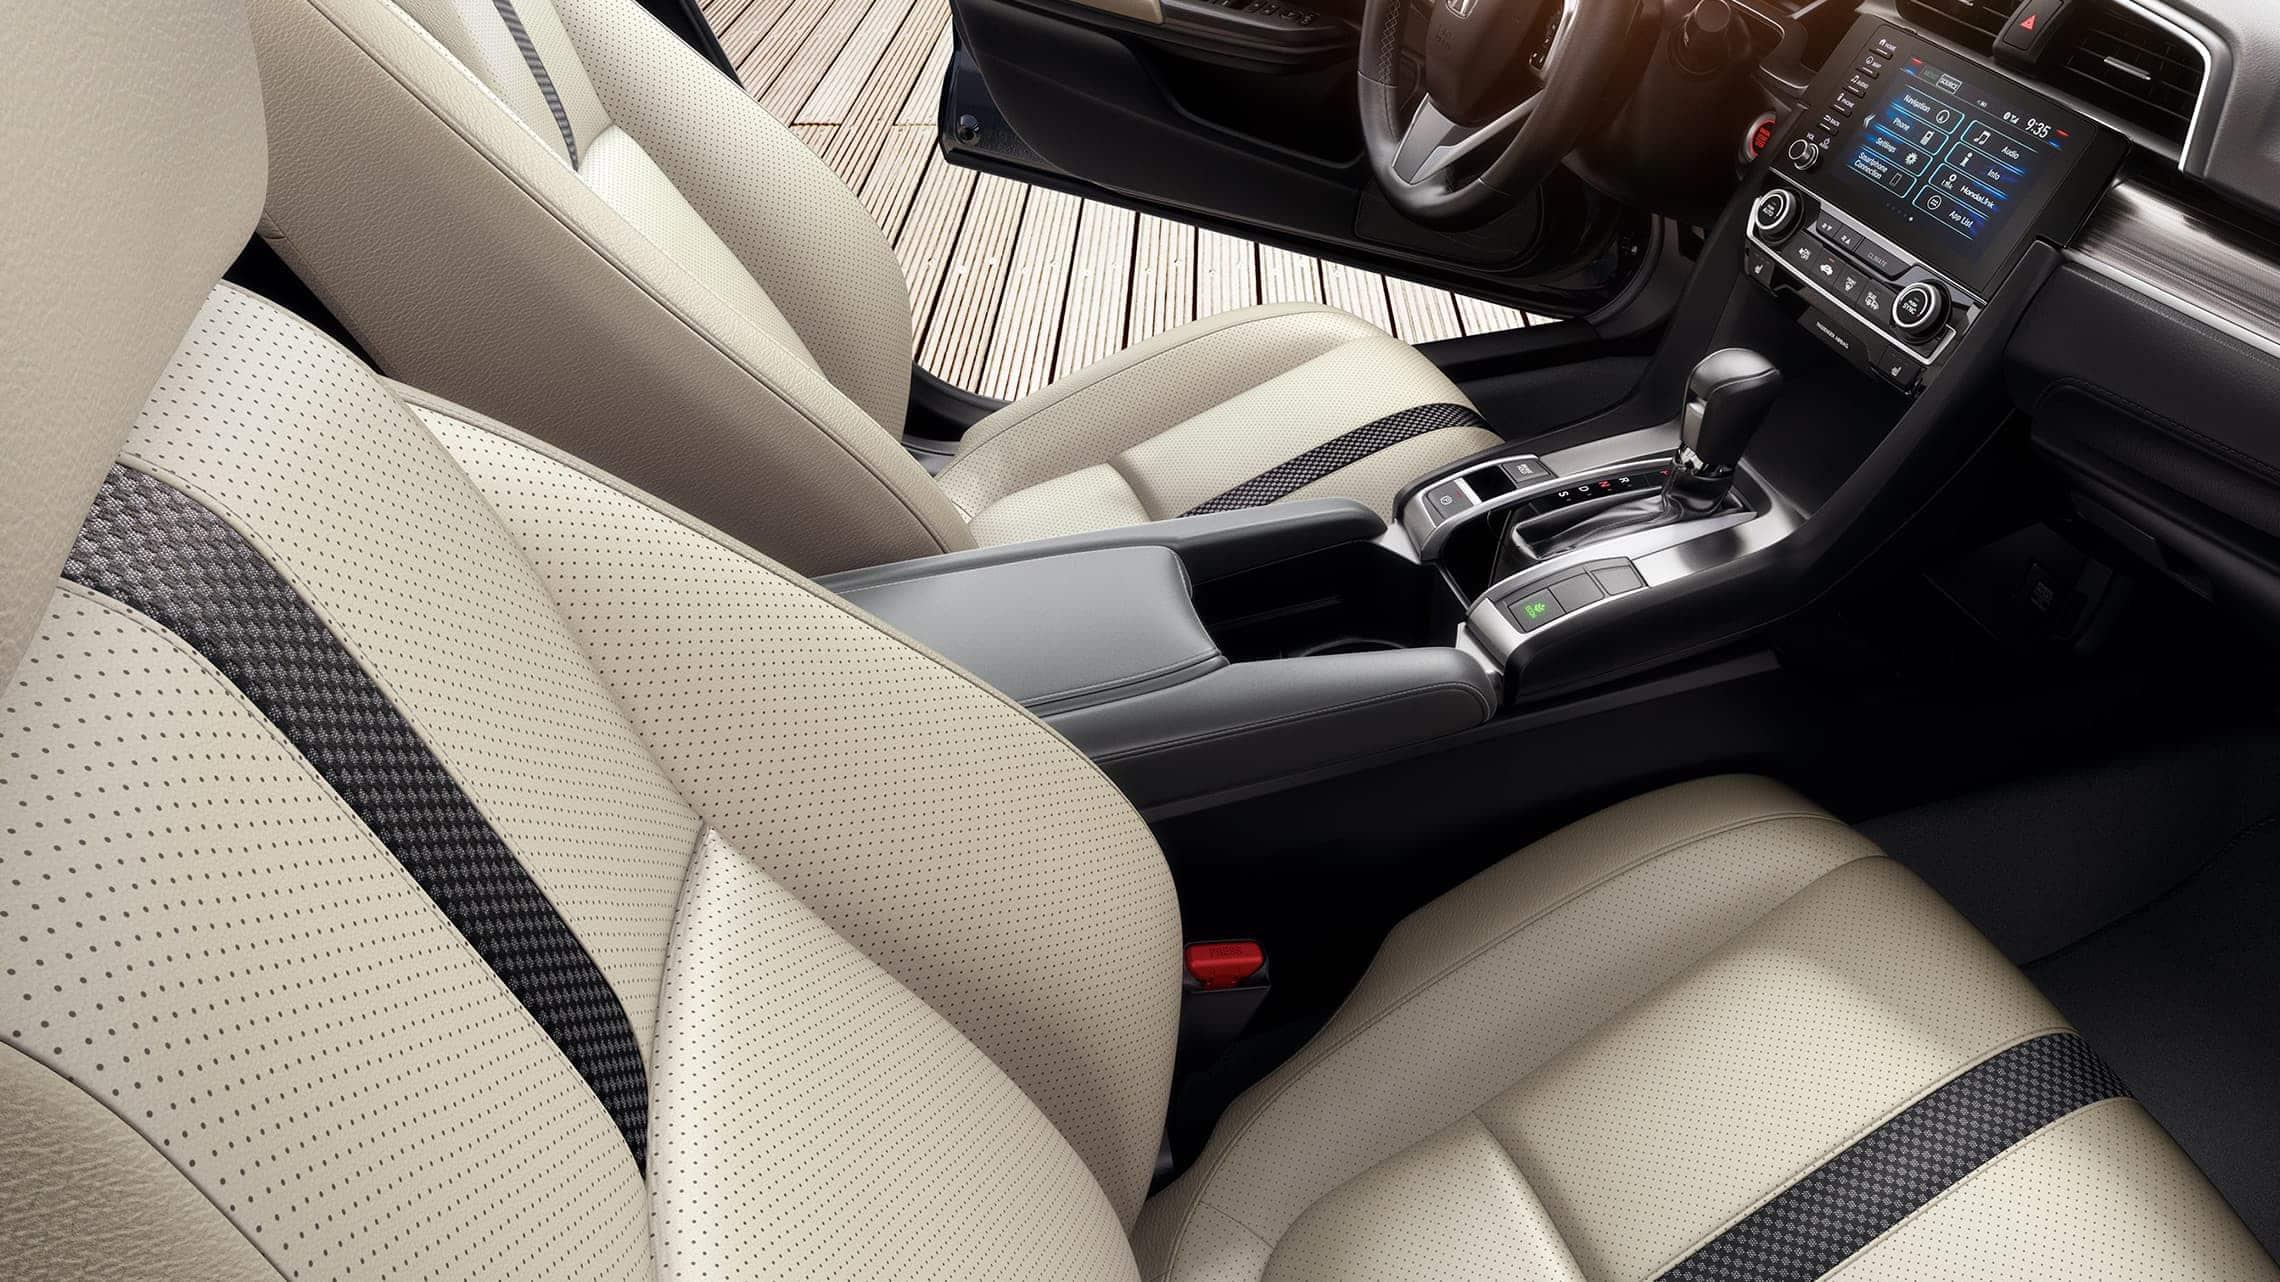 Vista del interior desde el lado del pasajero de los asientos delanteros del Honda Civic Touring Sedán2020 en Ivory Leather.